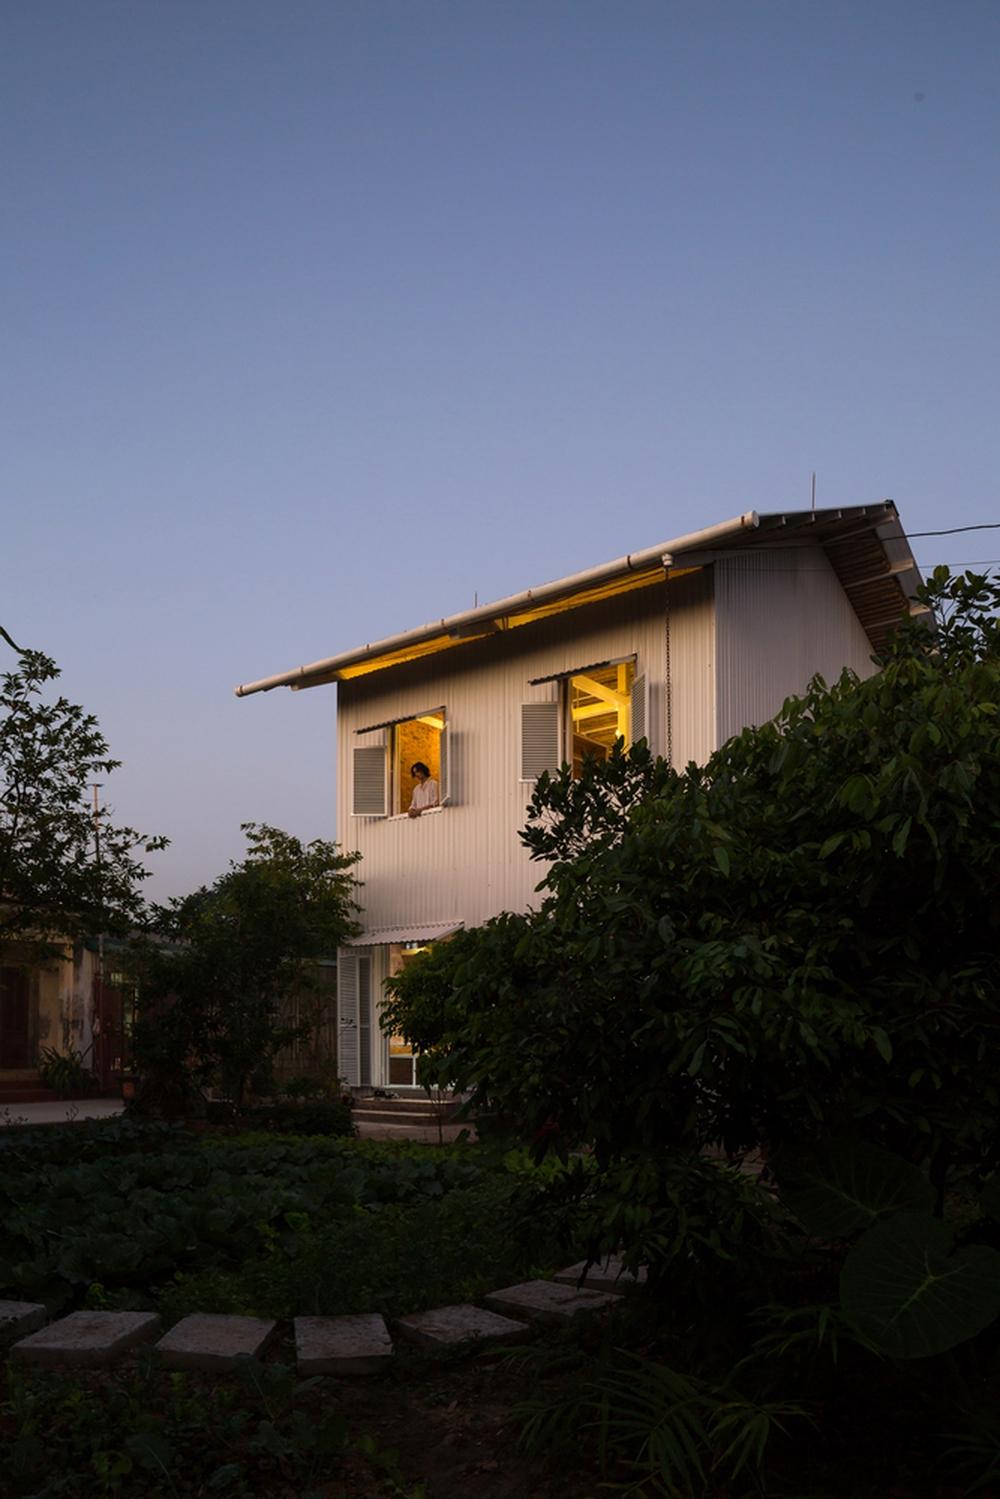 Ngôi nhà chống lũ bằng khung thép chịu lực của Việt Nam lên báo Mỹ - Ảnh 4.